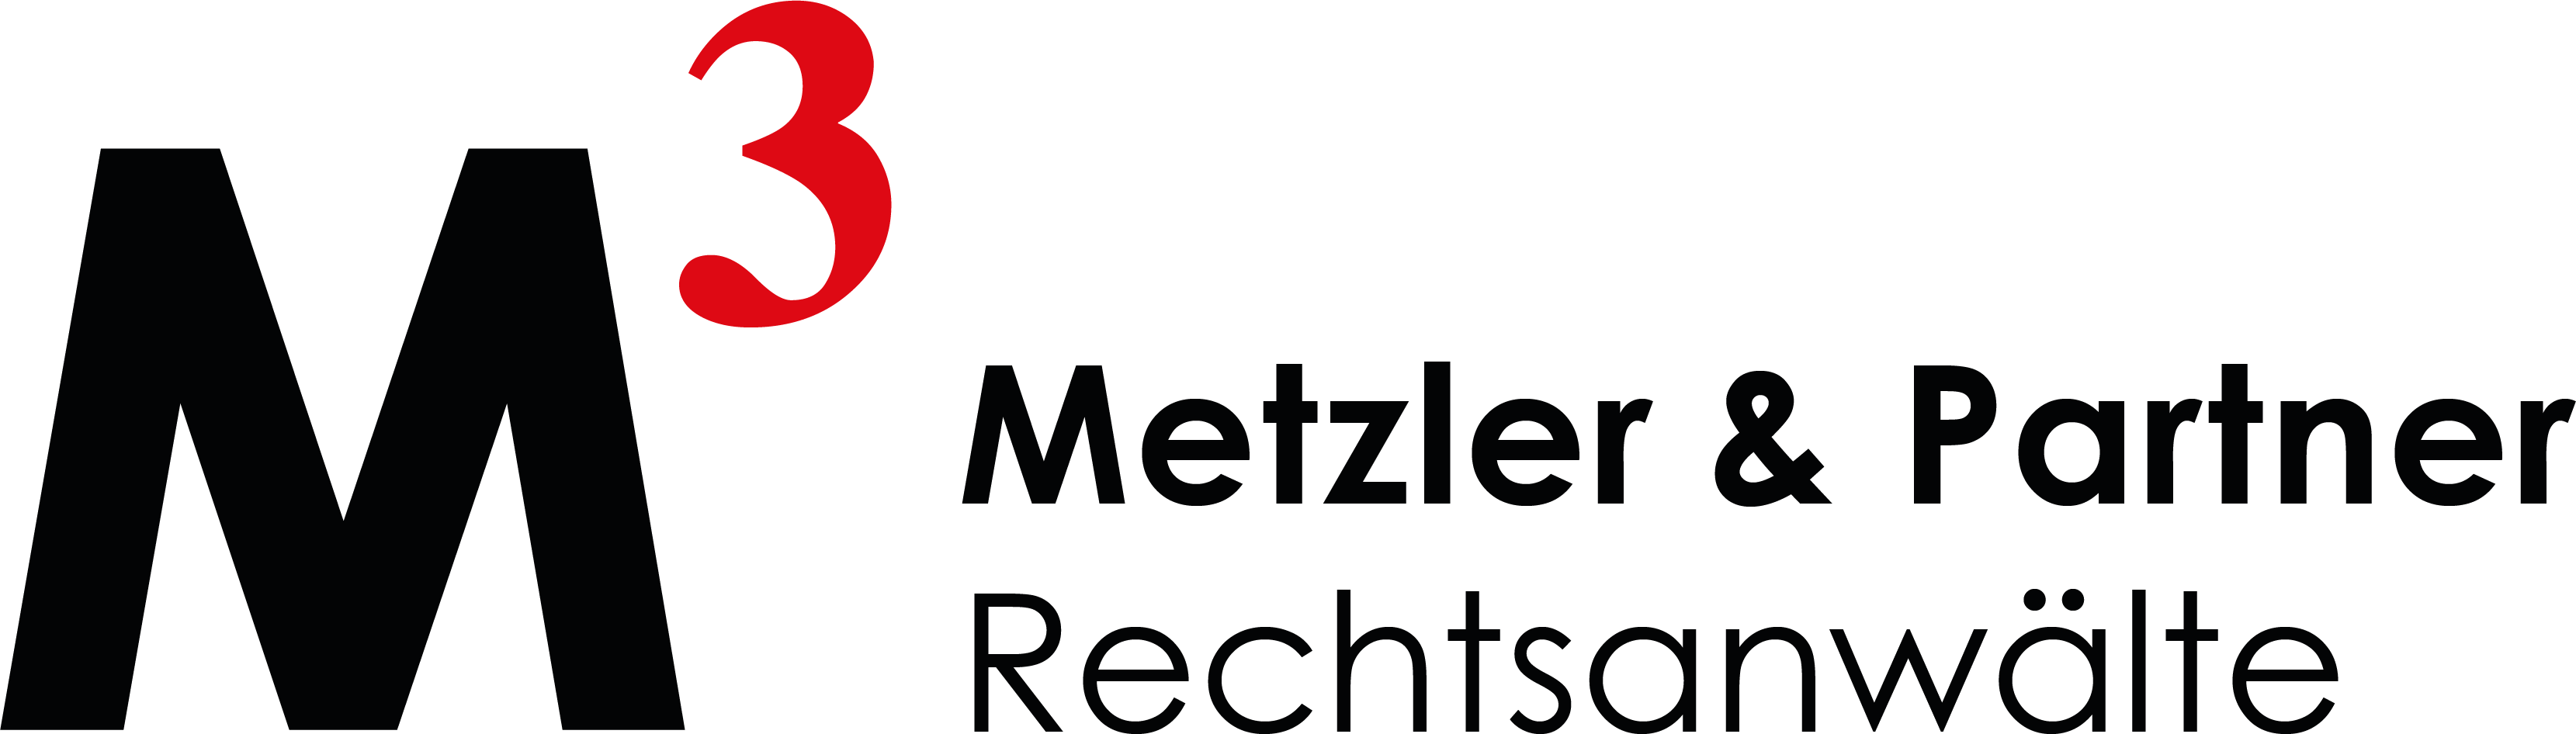 Metzler & Partner